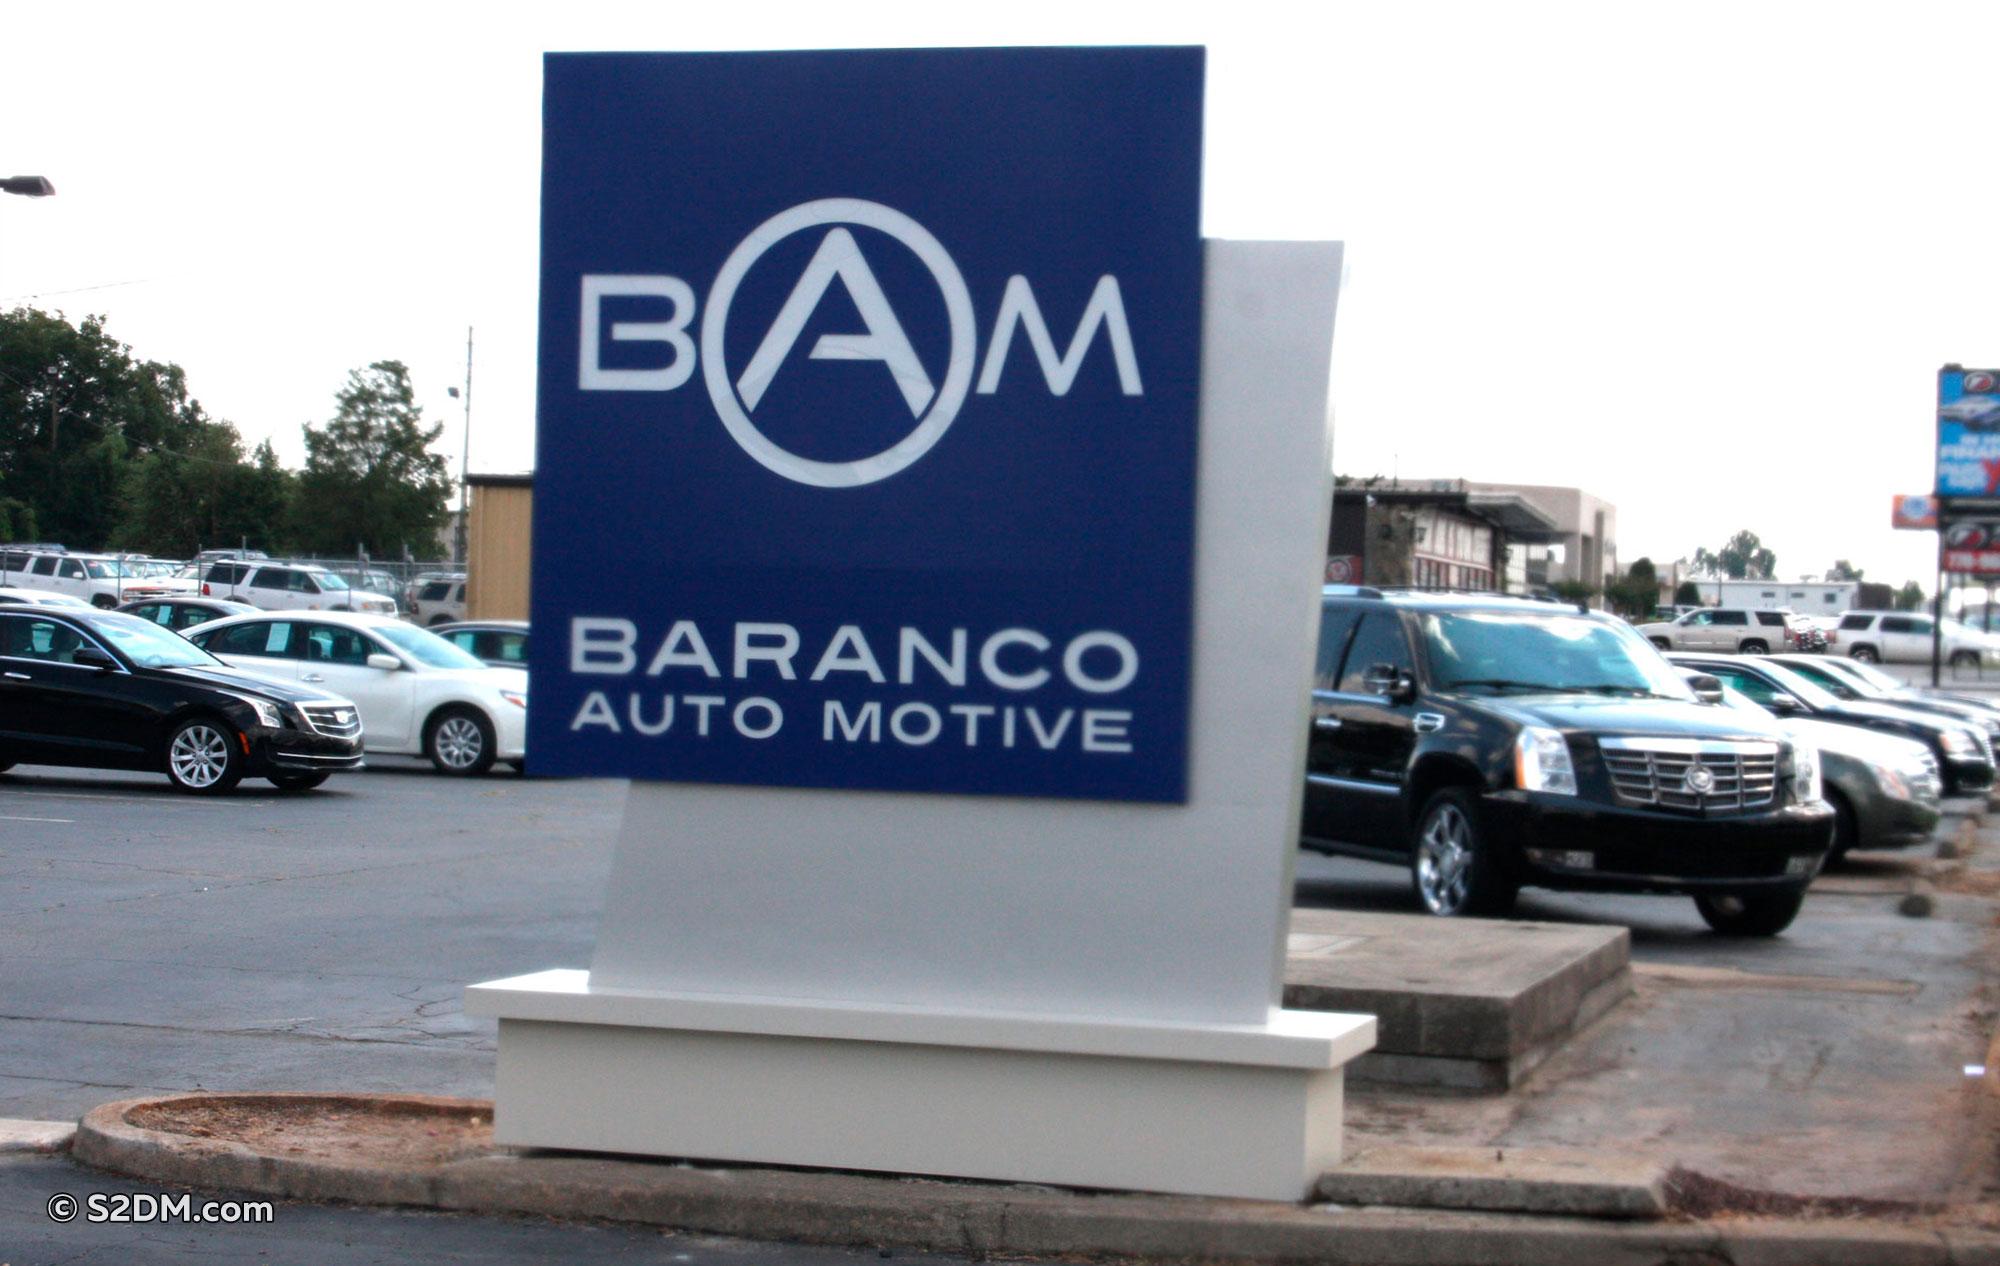 Baranco Auto Motive signage